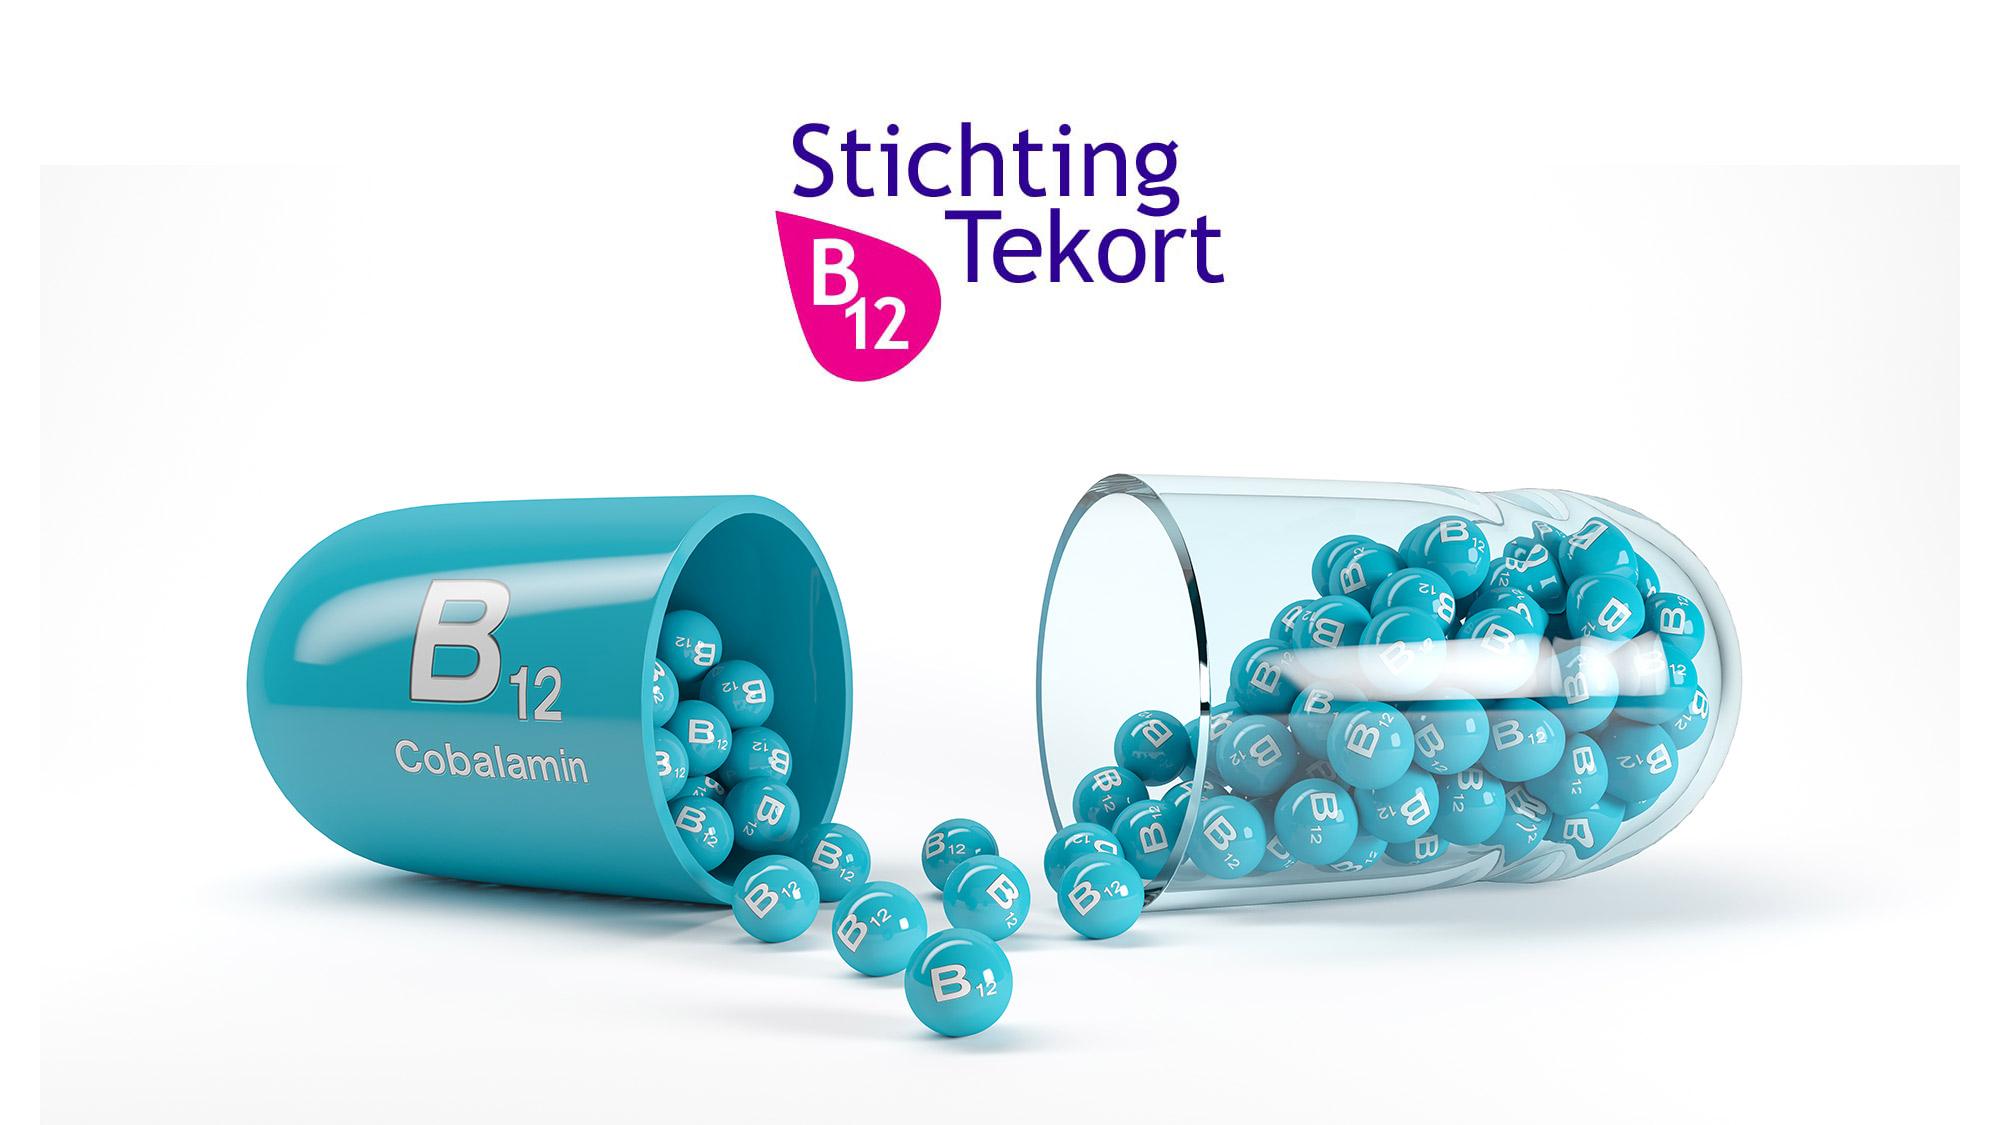 stichtingb12tekort.nl